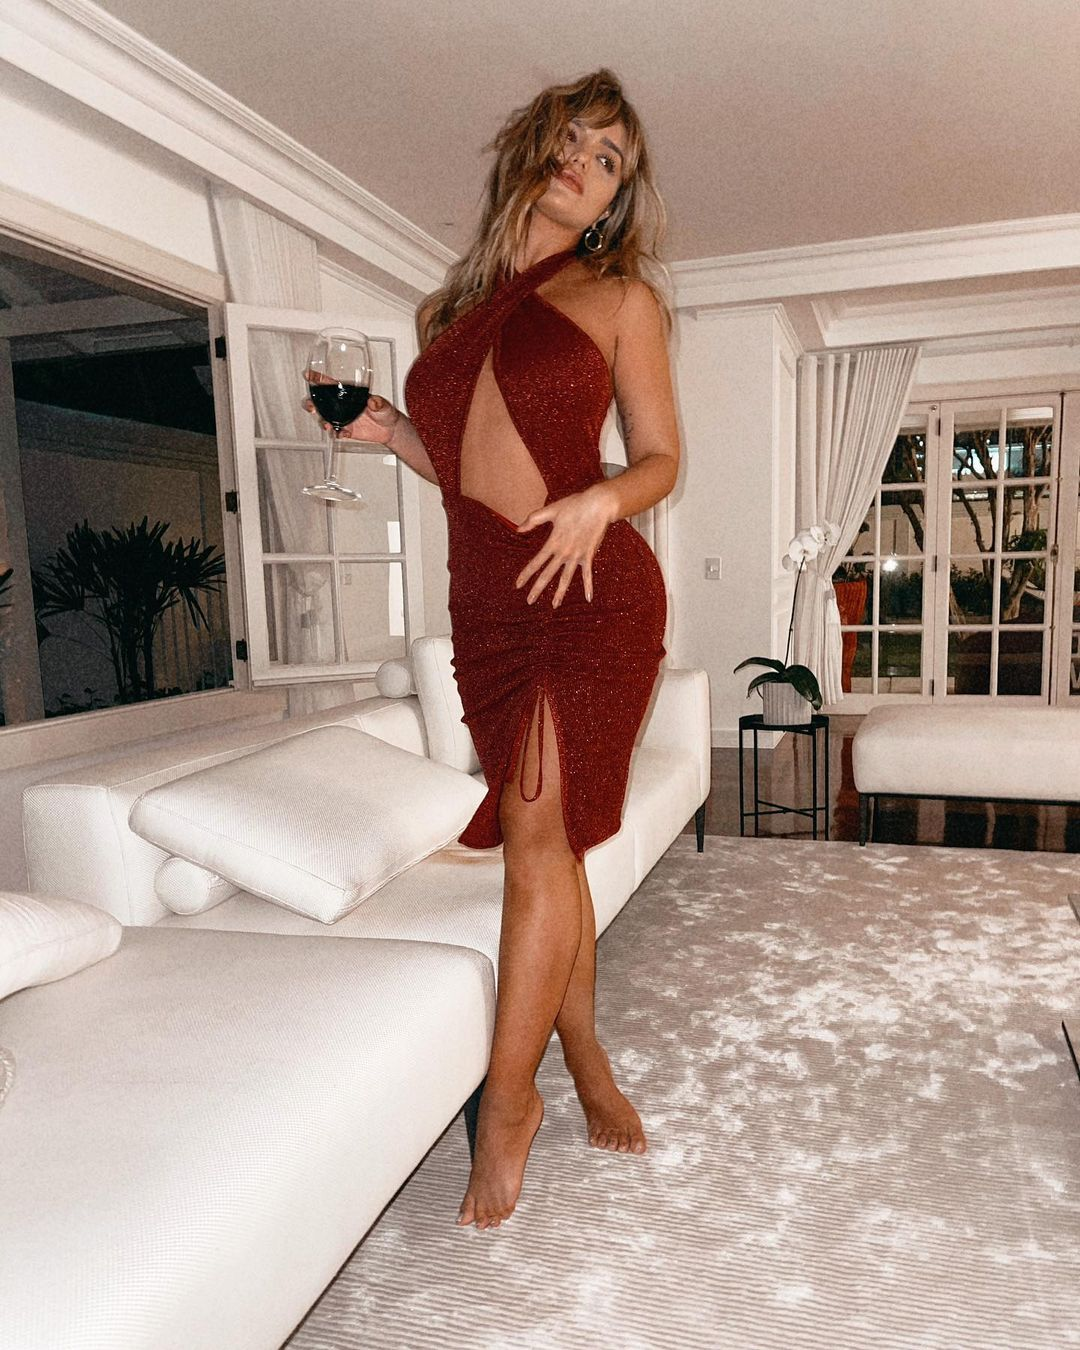 Rafa Kalimann está usando um belo vestido vermelho e segurando uma taça de vinho.